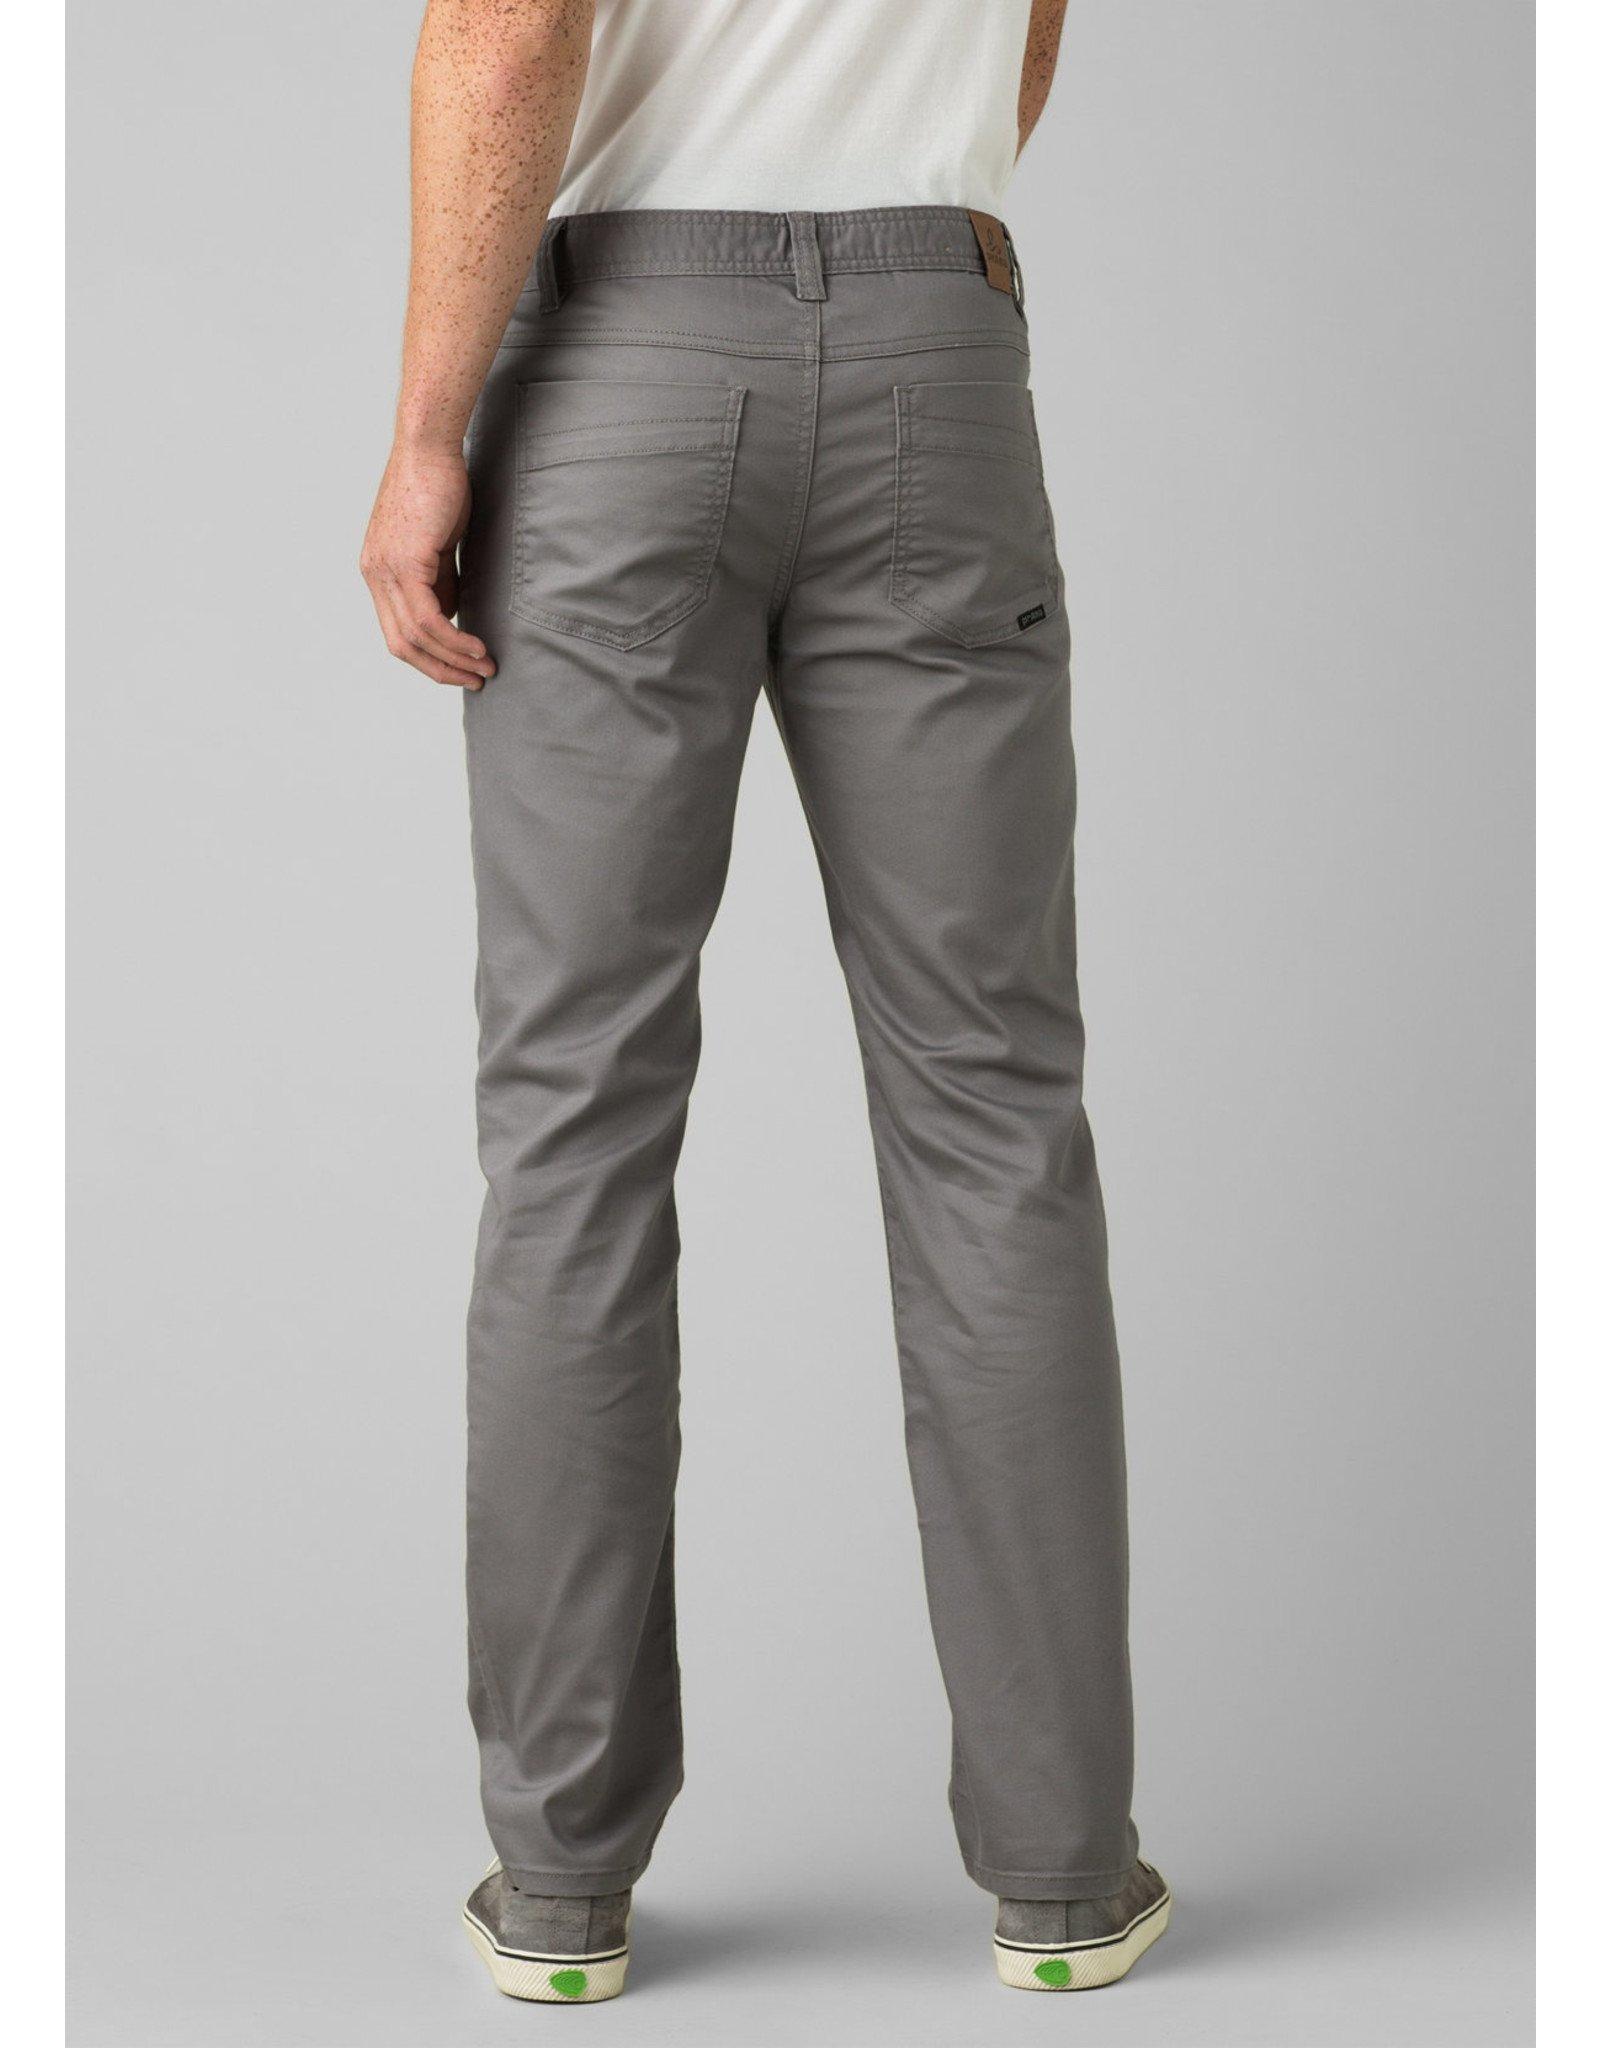 Prana Bridger Jeans Gris